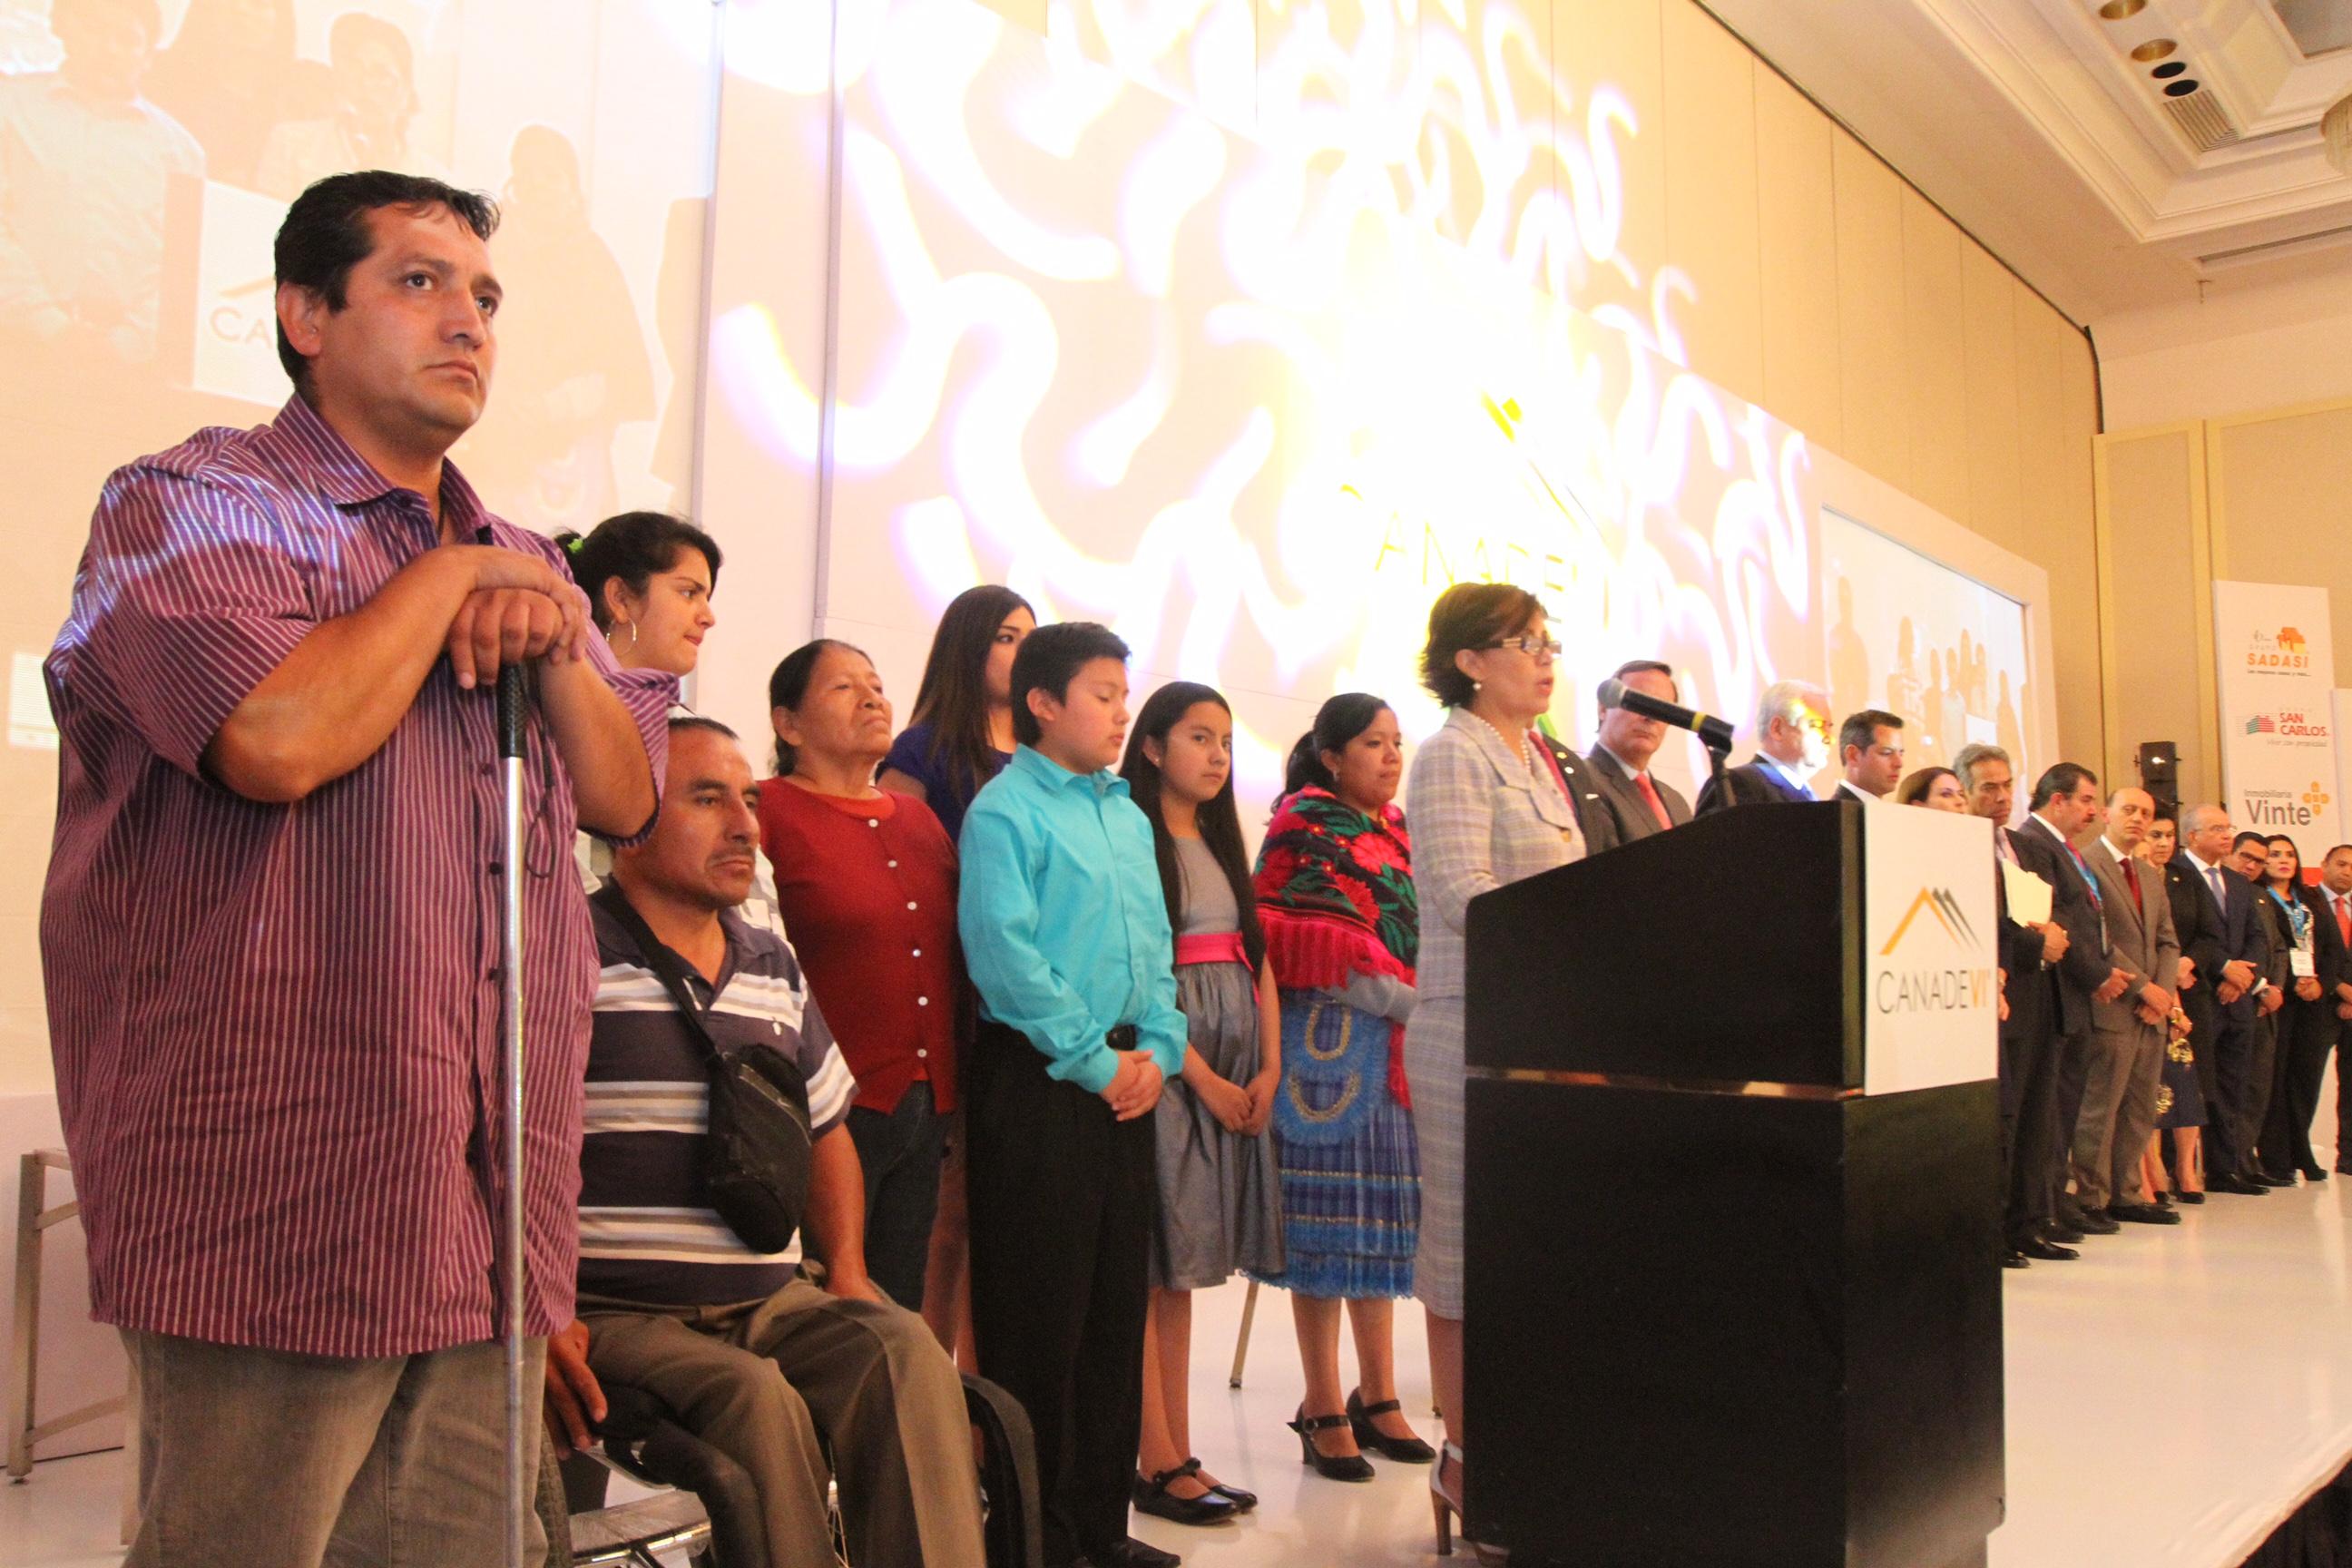 La Titular de SEDATU, Rosario Robles Berlanga acompañada de personas demandantes de vivienda sustentable, segura, incluyente, se dirige a industriales de la construcción de vivienda.